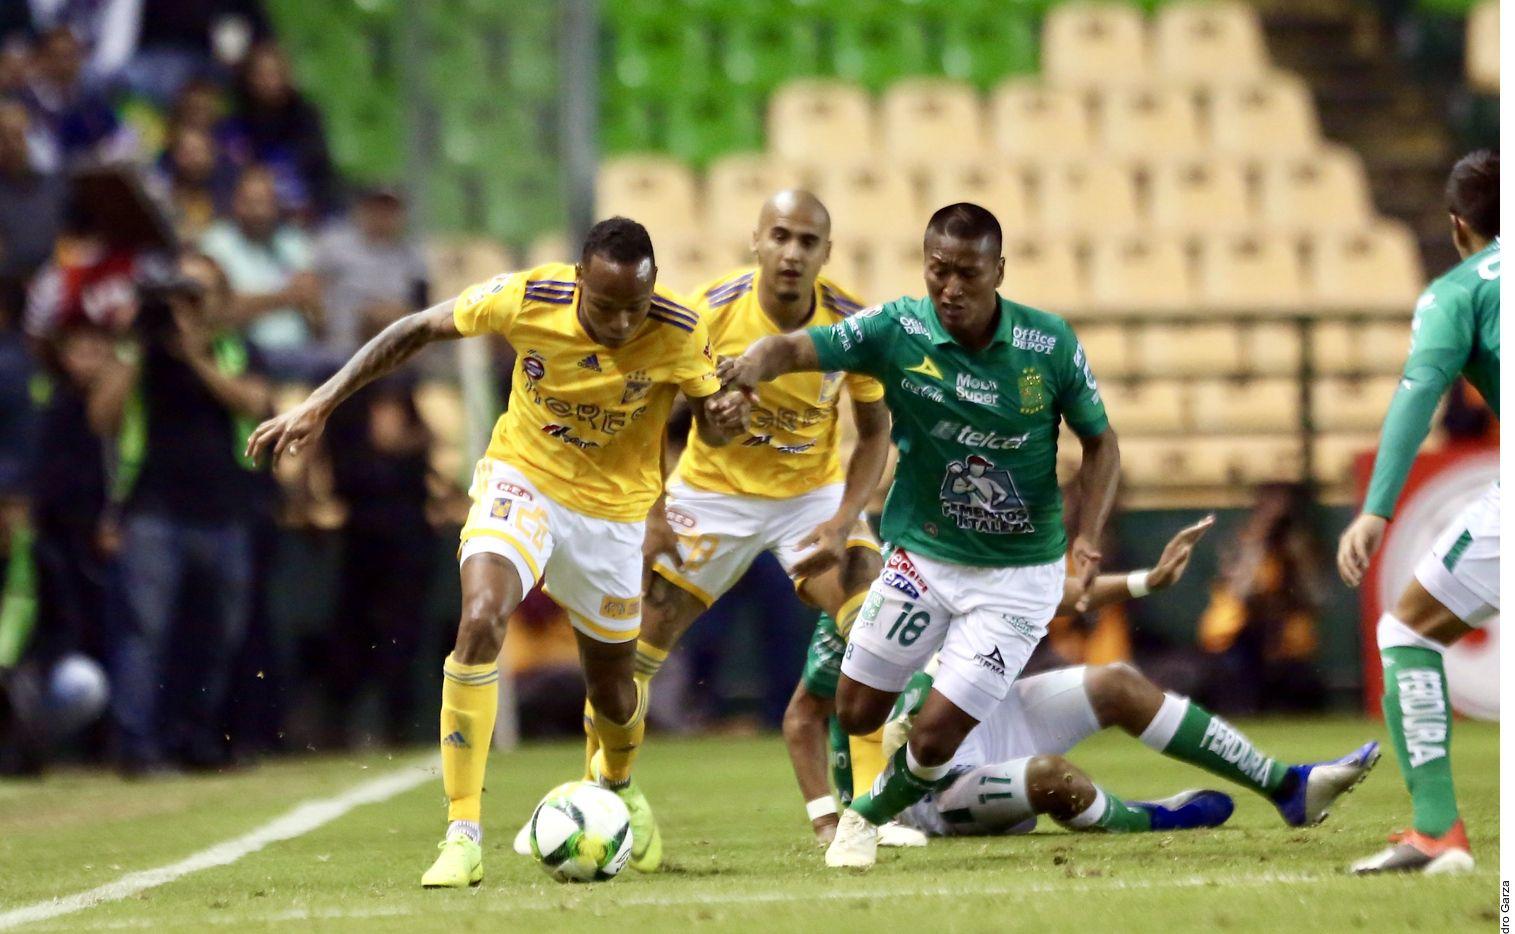 América venció 1-0 a León en el partido de ida de la semifinal de la Liga MX, pero León avanza a la final por mejor posición en la clasificación general. AGENCIA REFORMA.